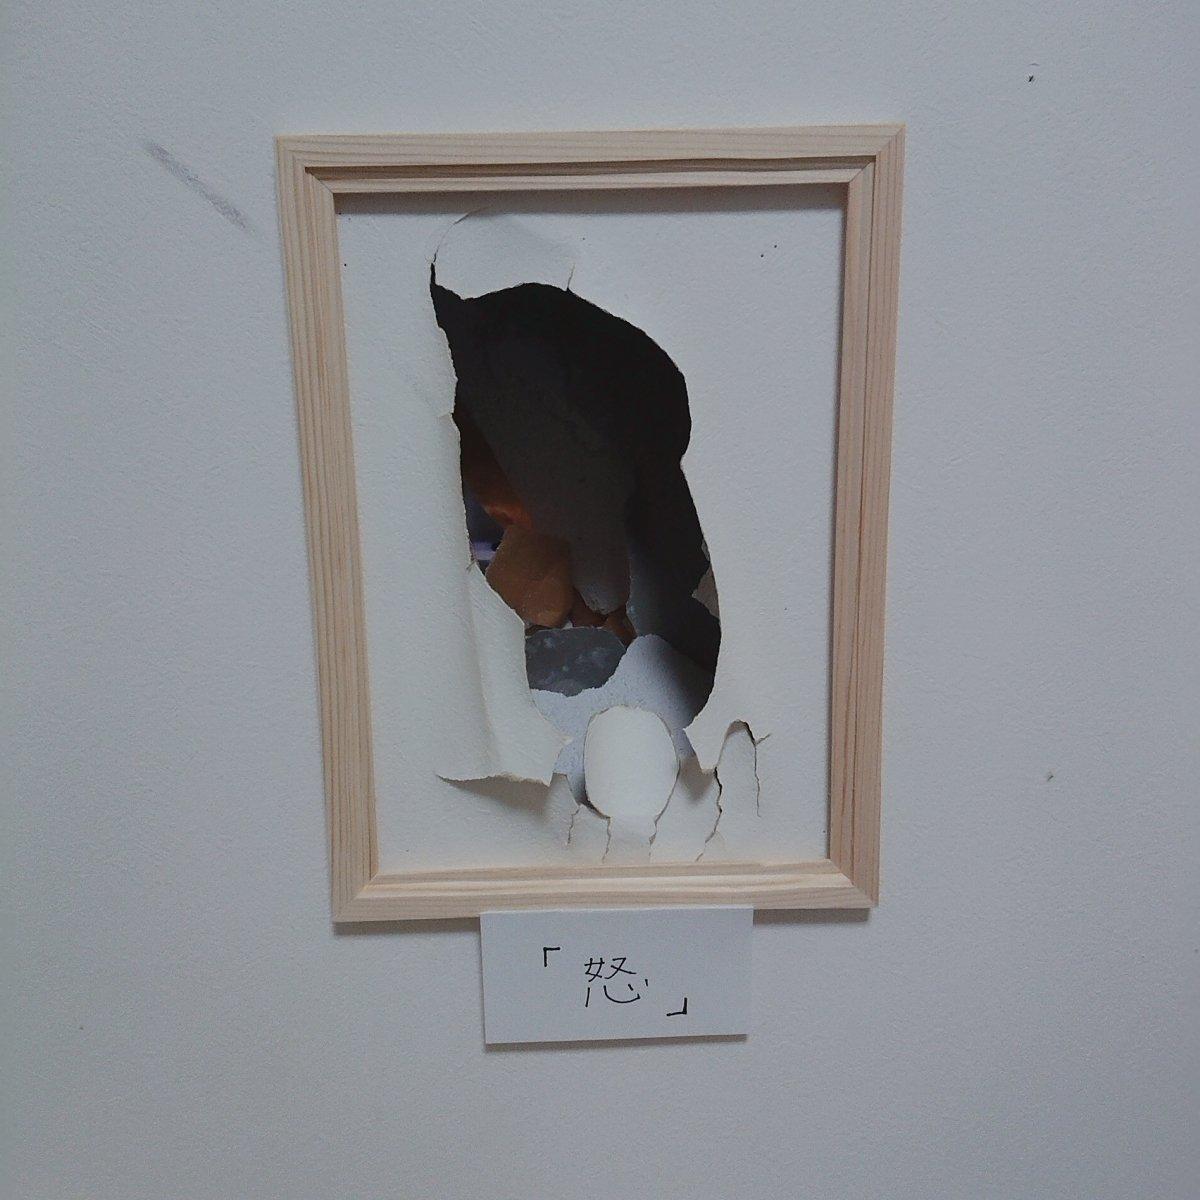 社長がよくカルシウム不足で事務所の壁に穴を空けるので個展にしてあげた